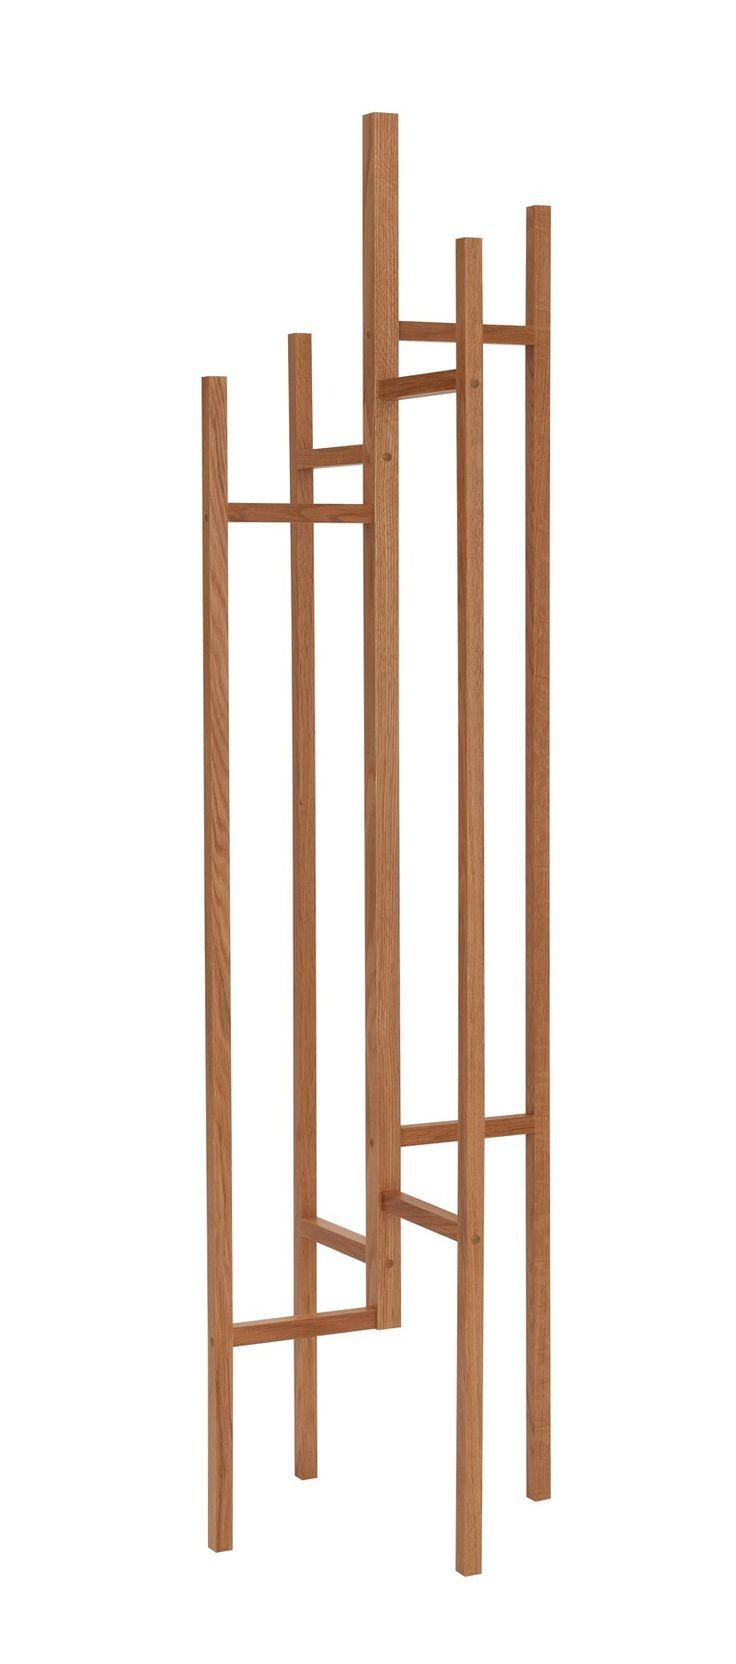 Eigen+-+Stumtjener+-+Eik+-+Moderne+stumtjener+med+et+vakkert+design.+Stumtjeneren+er+fremstilt+av+massivt+lyst+tre+og+det+er+plass+til+både+yttertøy+og+nøkler+på+tjeneren.+Et+ideelt+møbel+til+den+designbevisste.